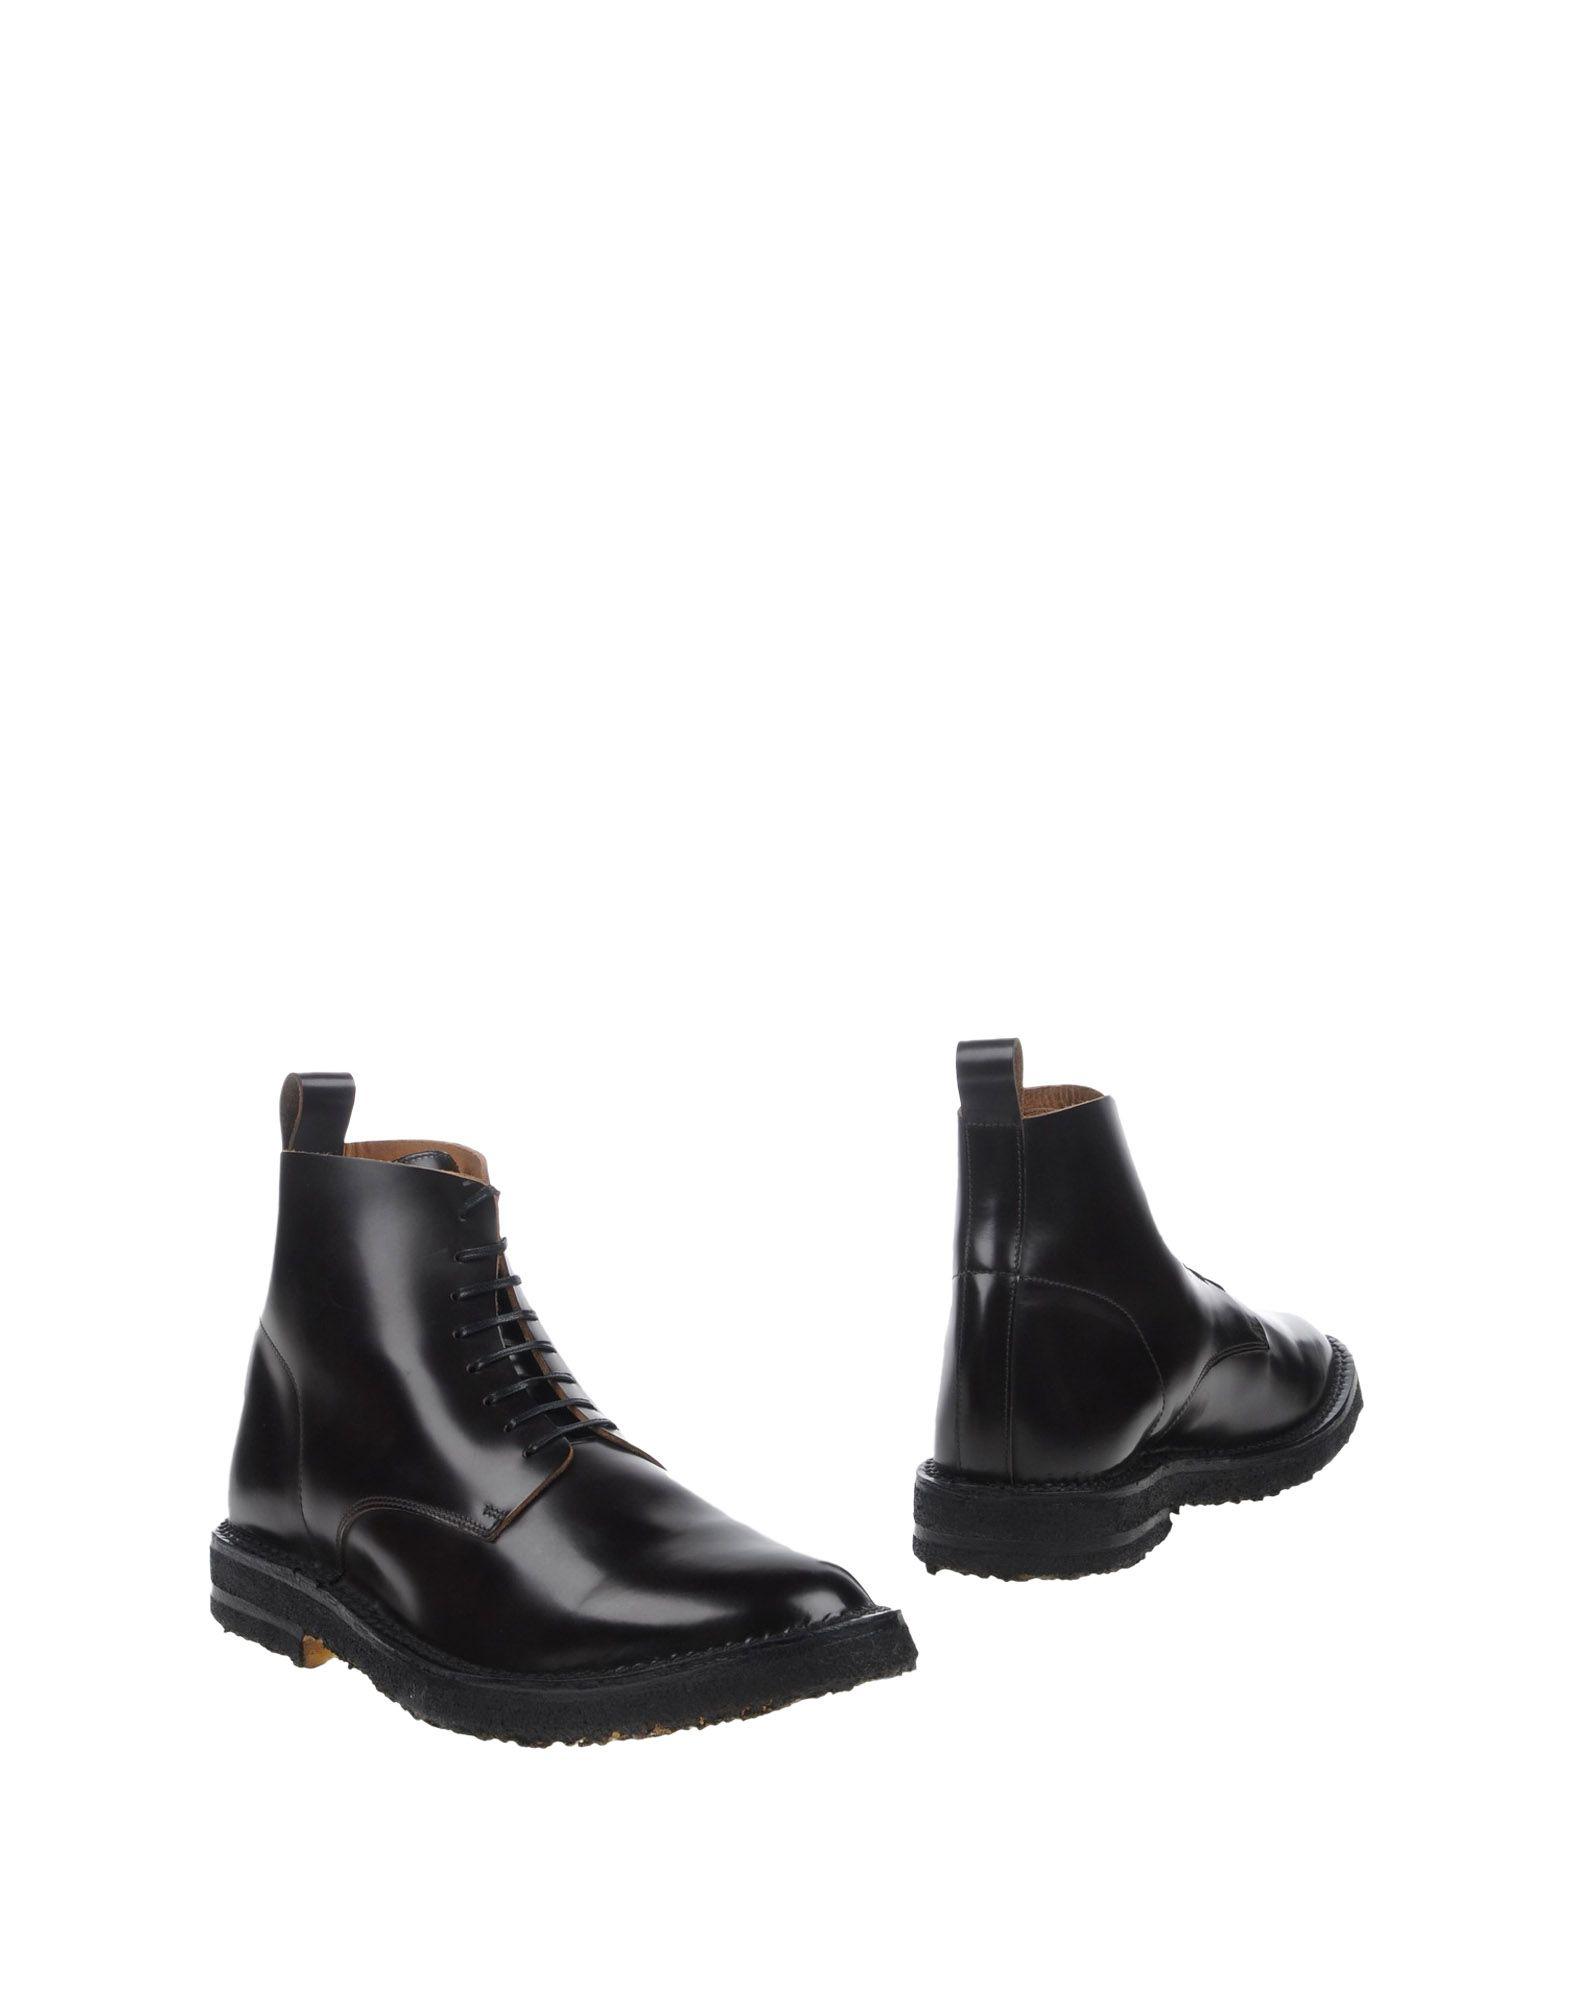 Buttero® Stiefelette Herren  11257169GH Gute Qualität beliebte Schuhe